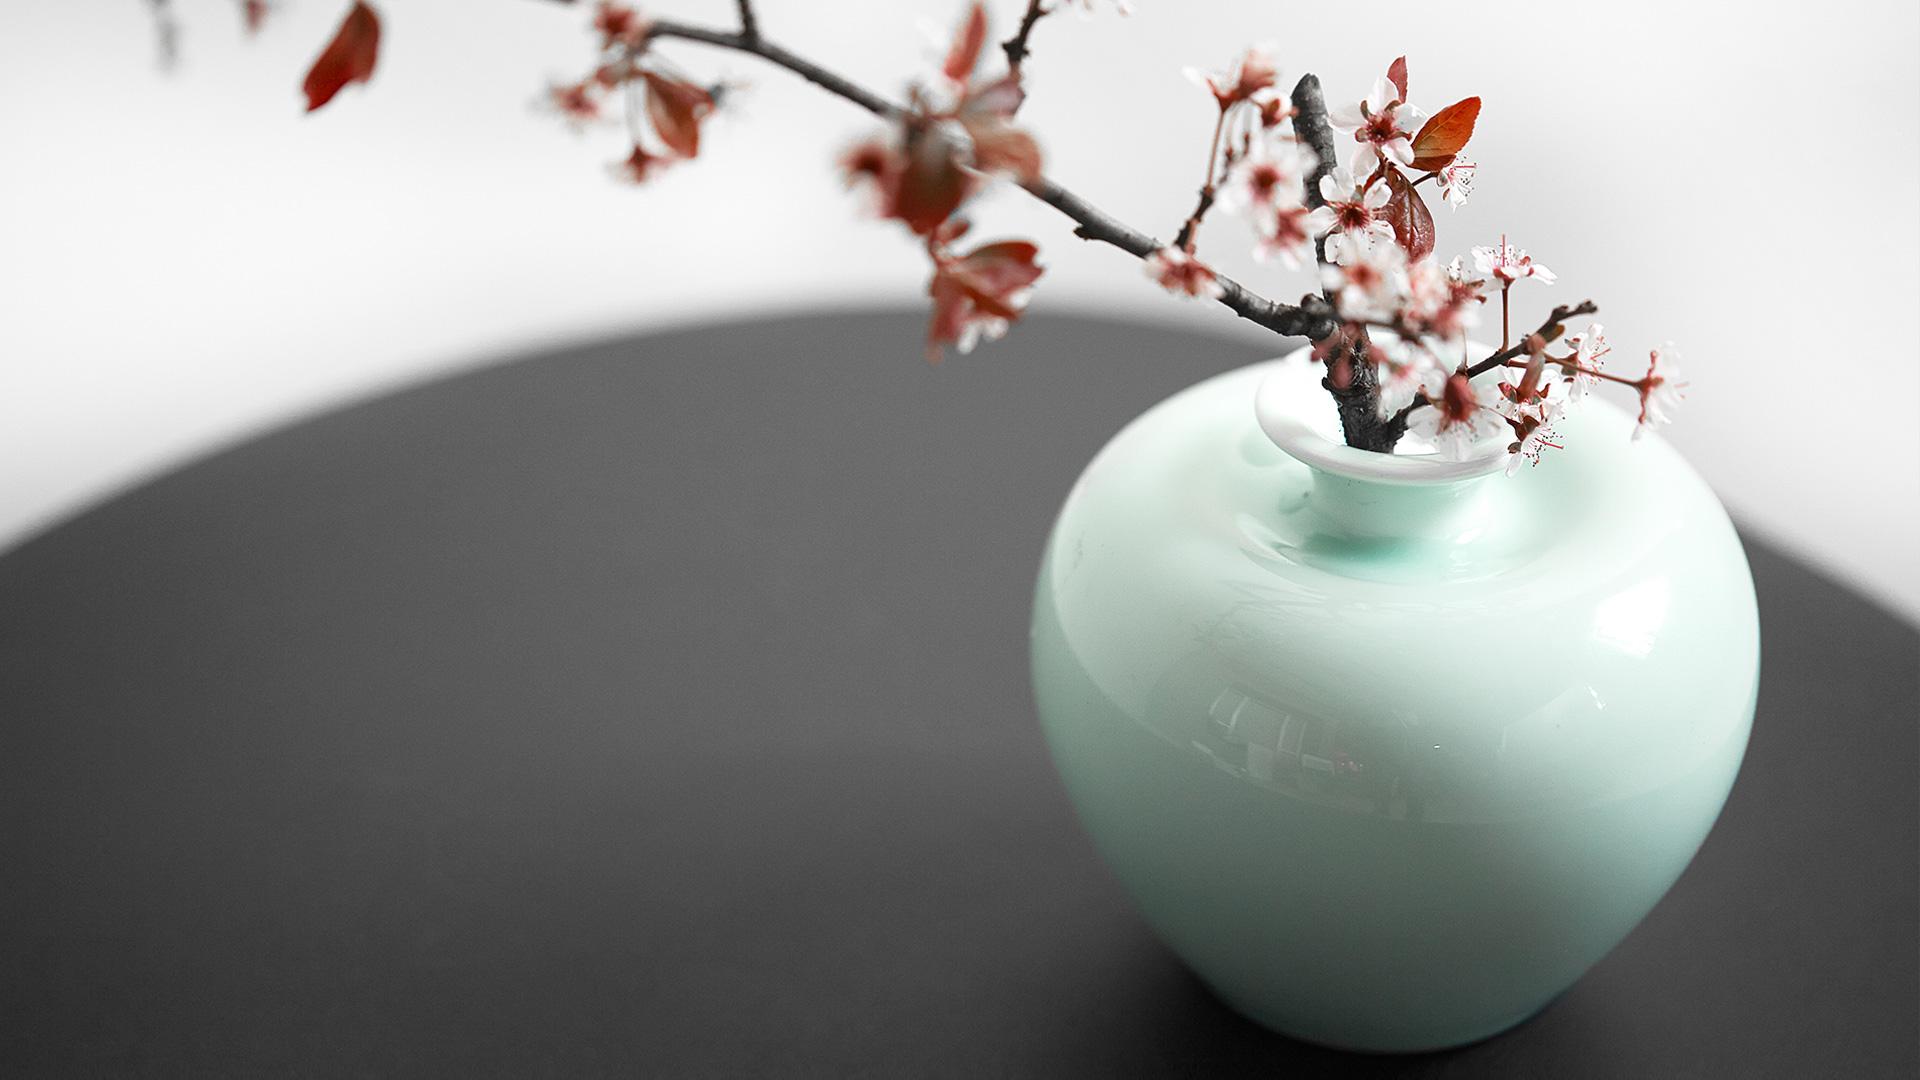 找到桌饰插花的乐趣,停下眼前的忙碌,随手摘一朵小花或是嫩枝,居室一隅立即弥漫清新的气息。?x-oss-process=image/format,jpg/interlace,1